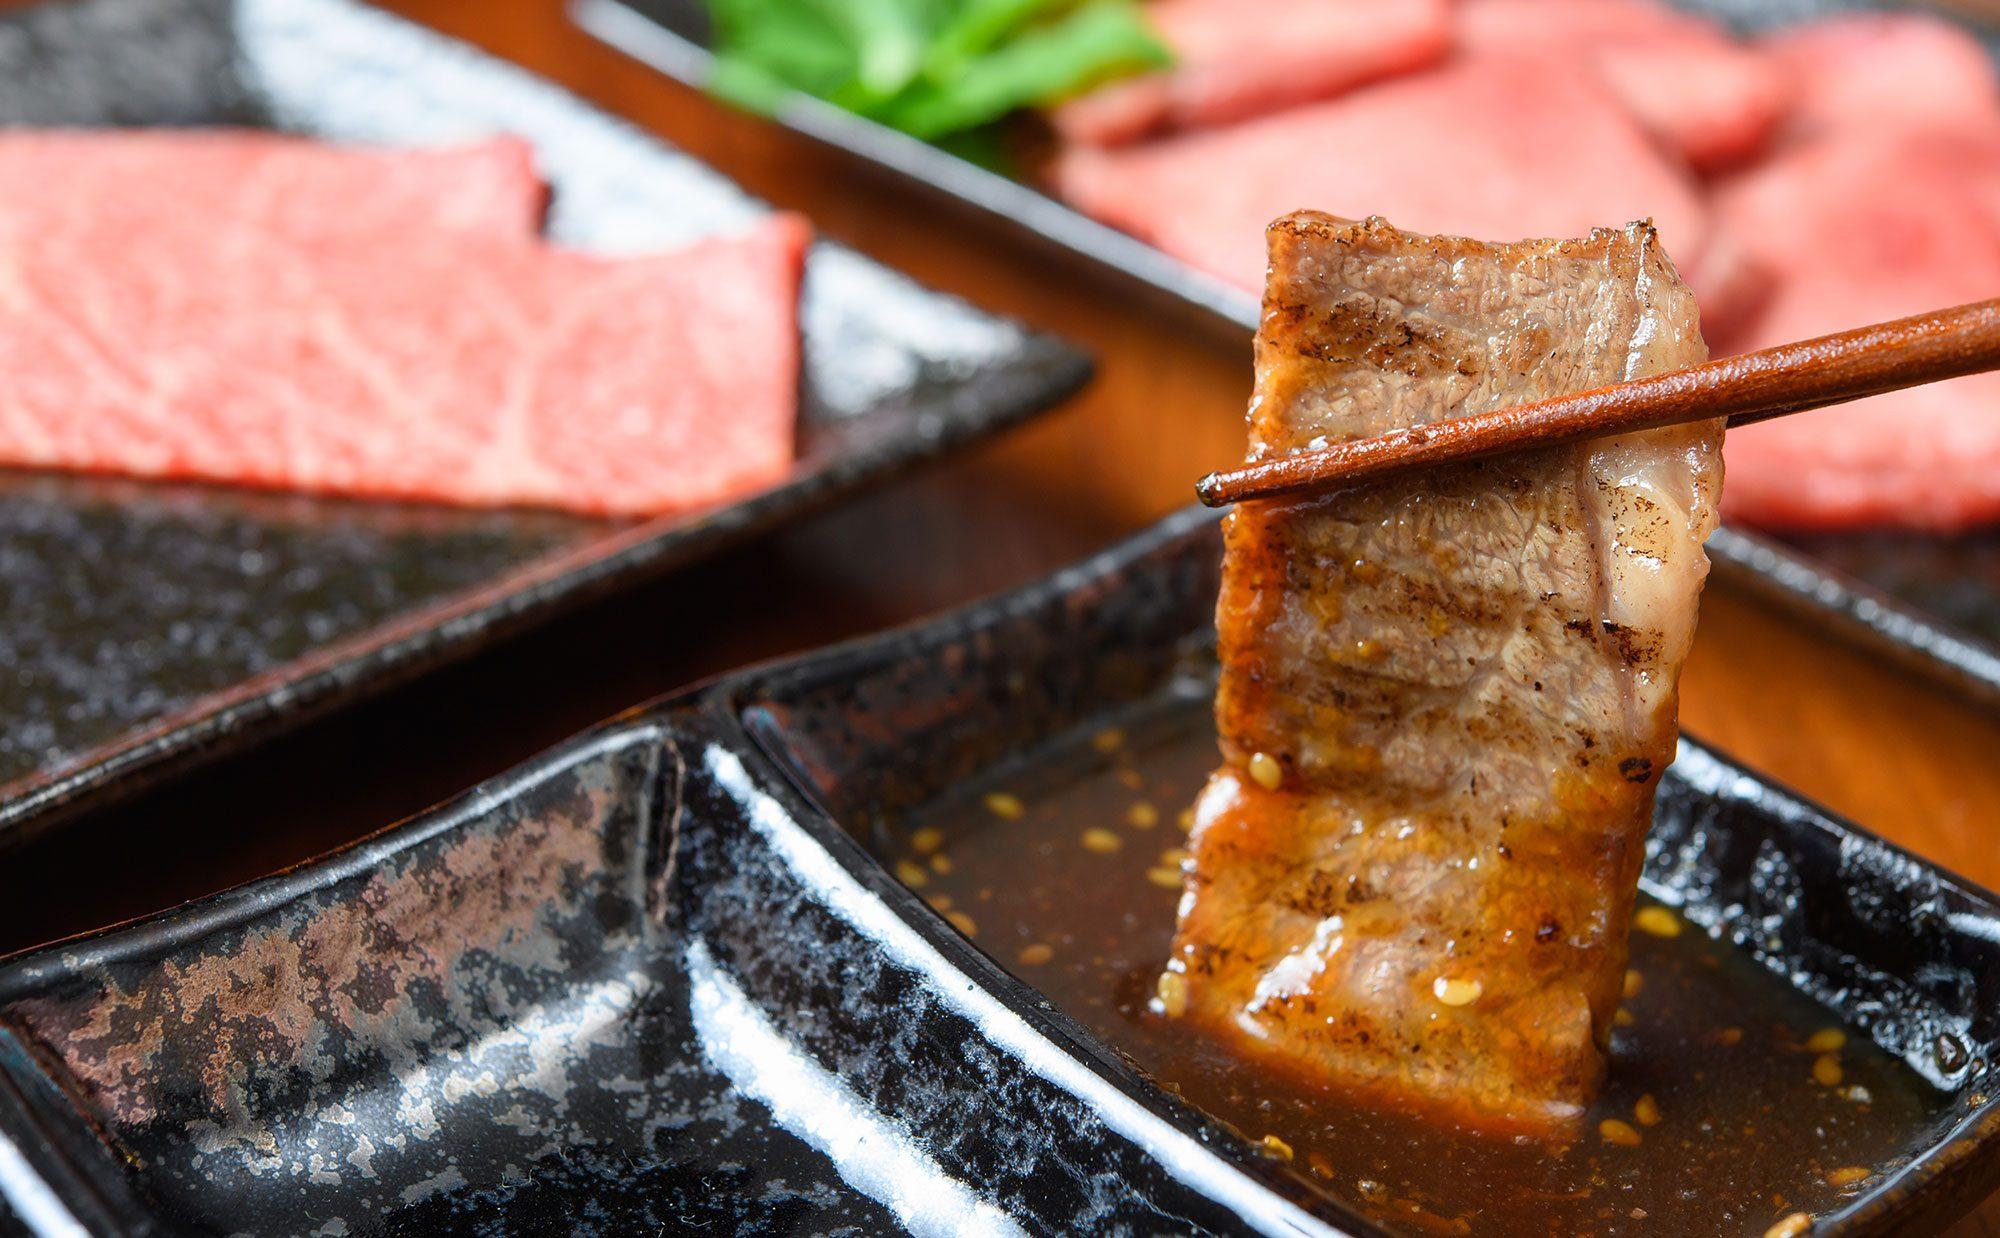 「お家焼肉」の進化がスゴい! プロに聞いた美味しい食べ方を実践レポート